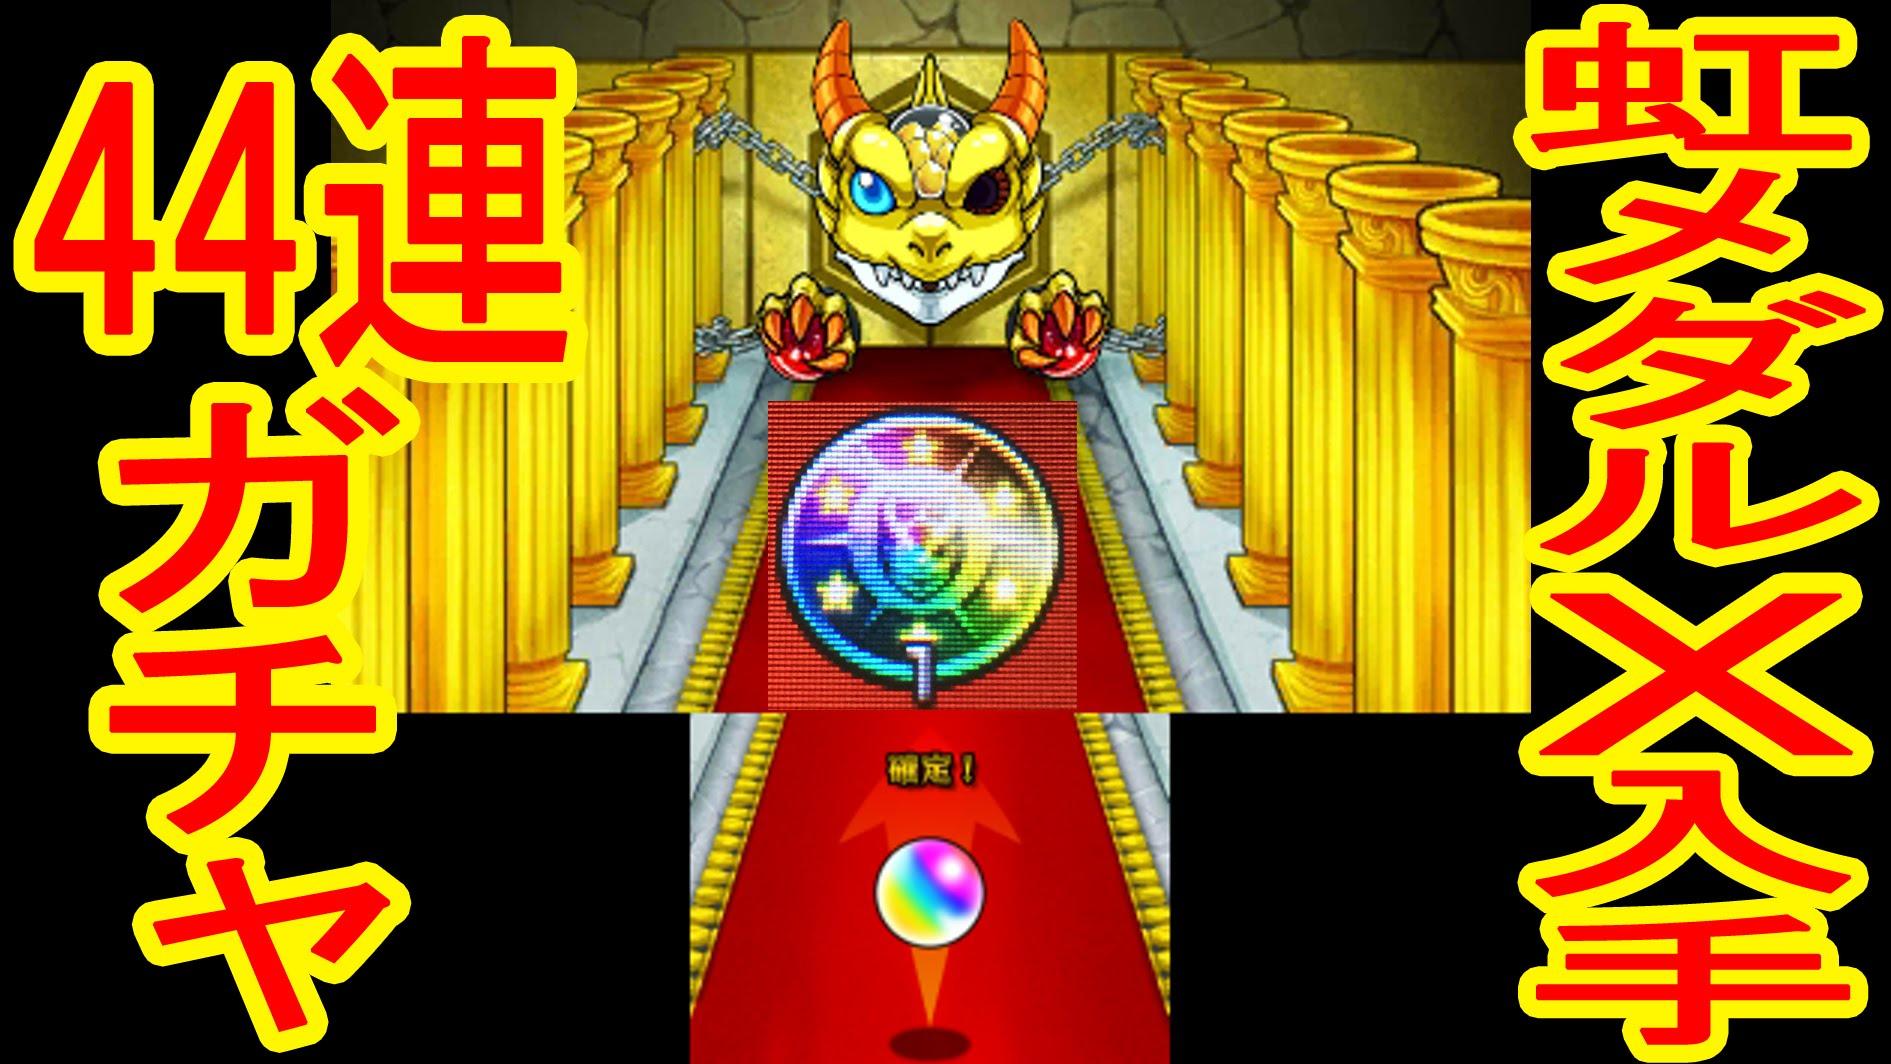 クエストで虹メダルXを手に入れて 気合の44連ガチャ! 3DSモンスターストライク実況